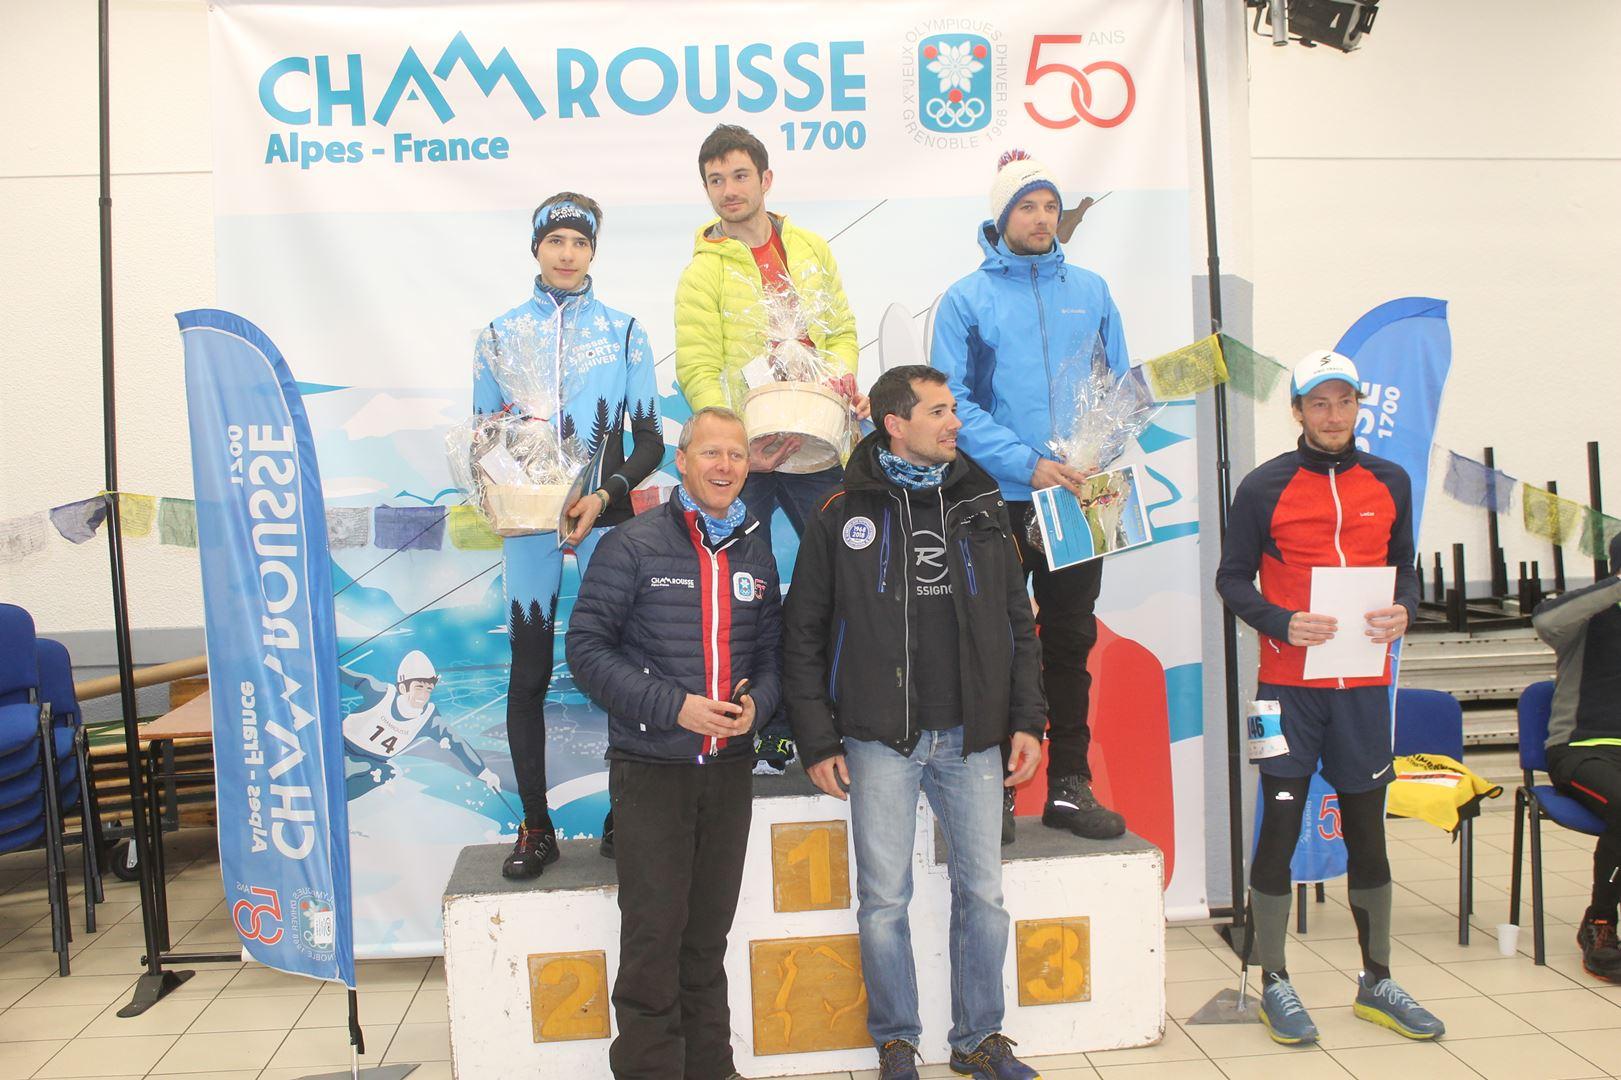 poduim hommes du 8km - WITT: RESULTATS, PHOTOS ET COMPTE RENDU DU TRAIL BLANC DE CHAMROUSSE 01-04-2018